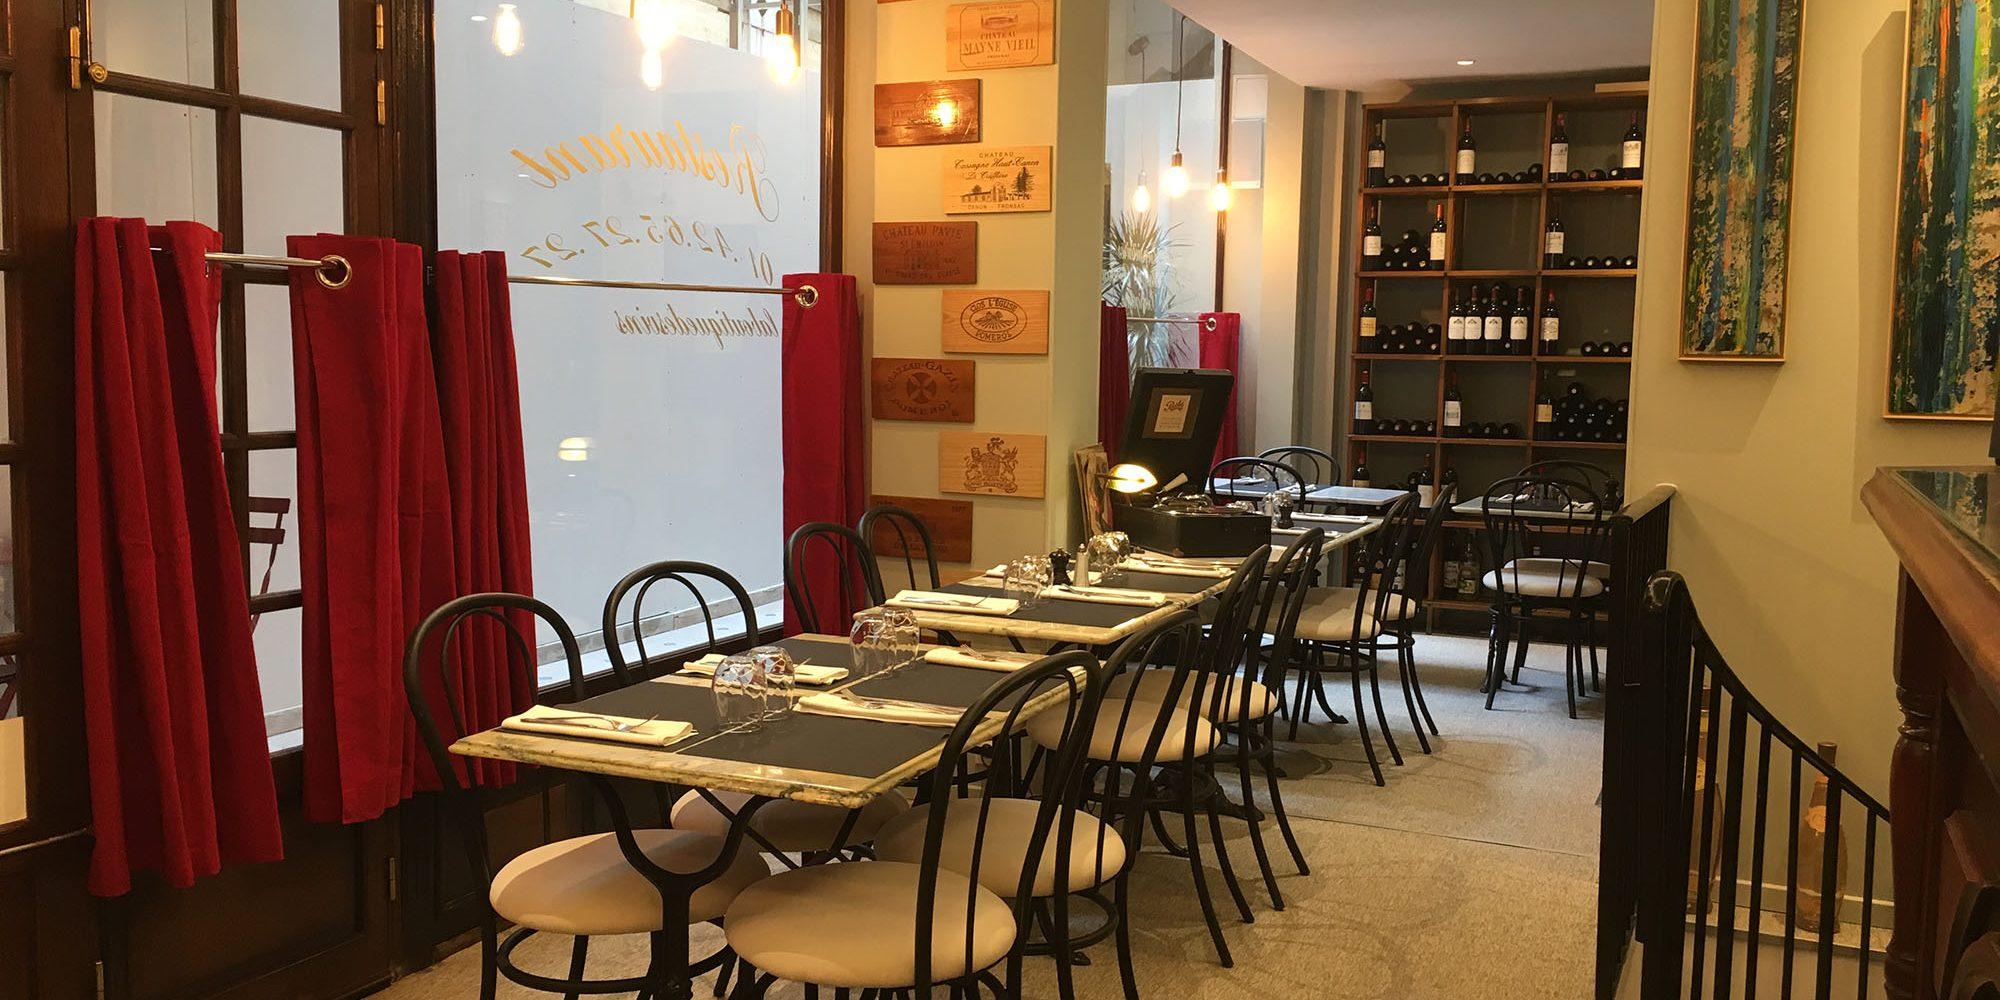 boutique-des-vins-paris-8-7